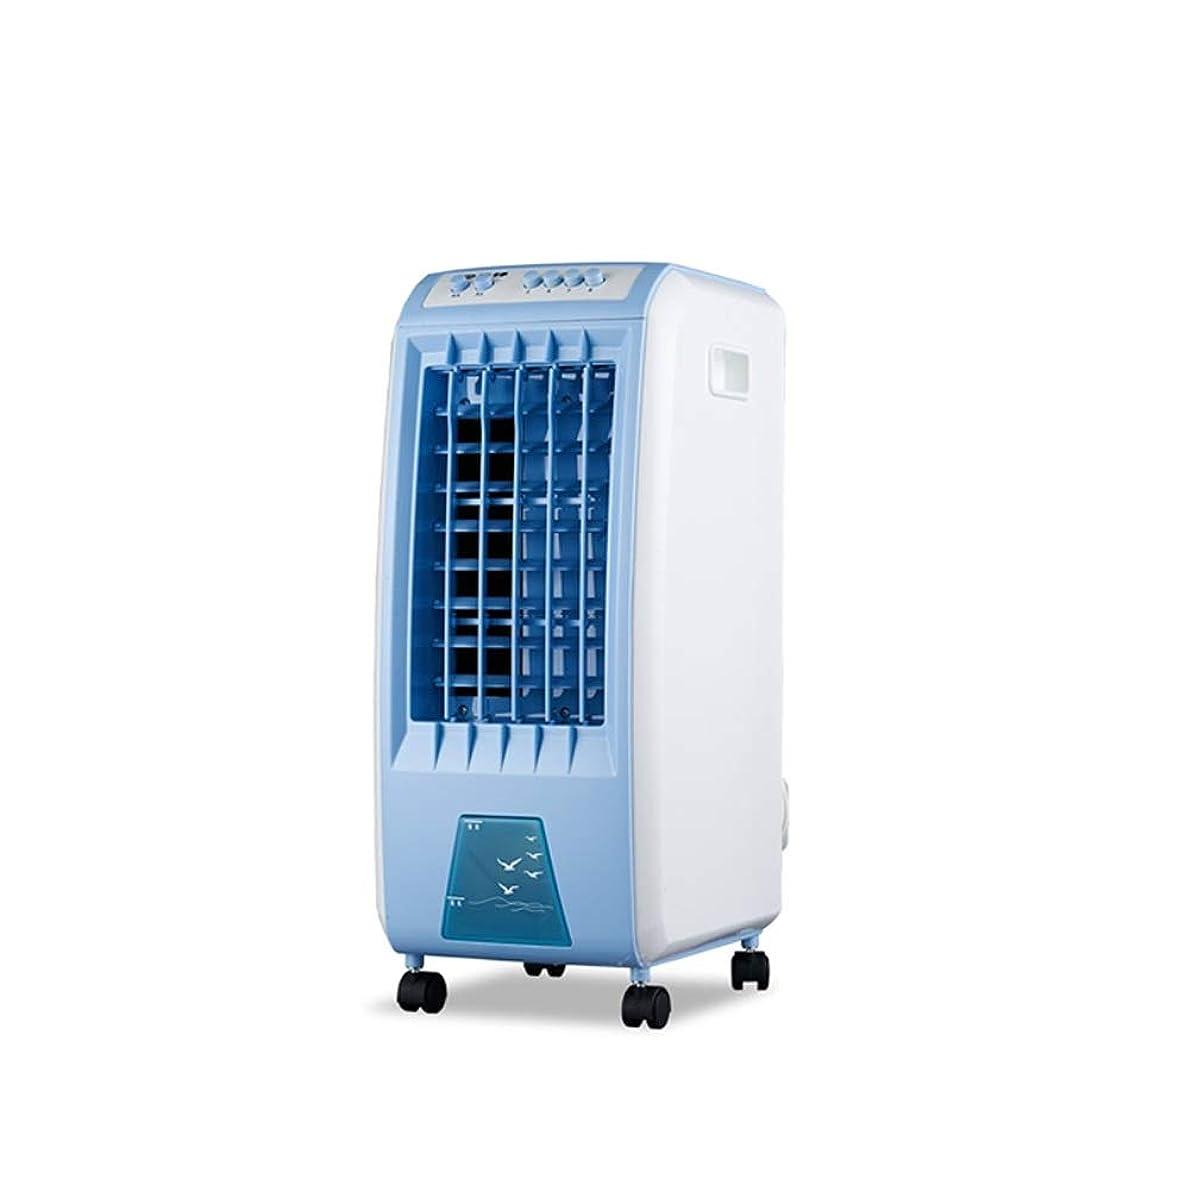 ゲインセイスプーンサイレンLPD-冷風機 ポータブル蒸発エアコンタワーコールドエア クーラーファンモバイルエアコン省エネ環境の保護大水槽